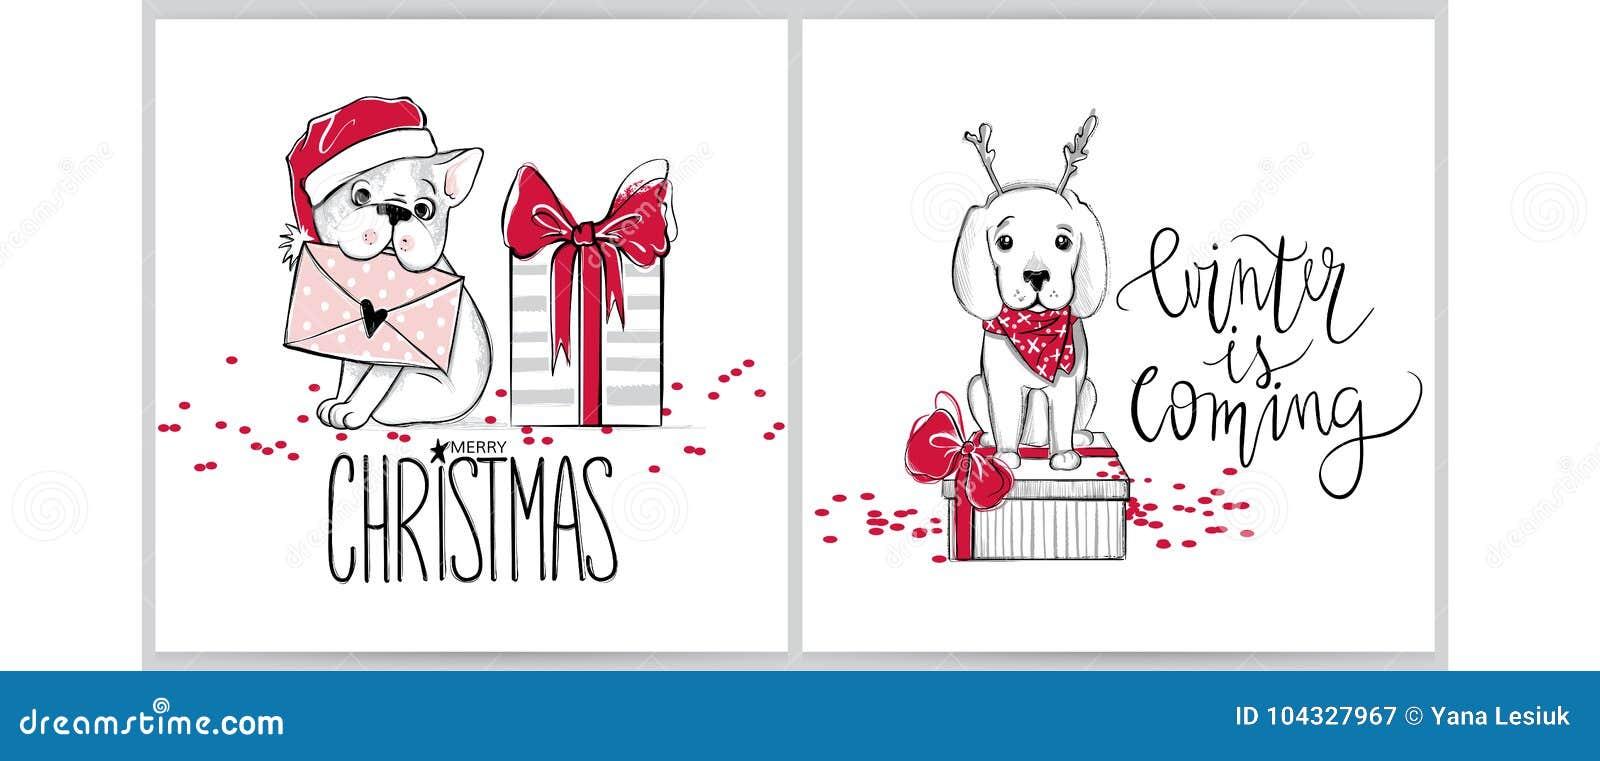 Ilustraciones De La Feliz Navidad Perros Divertidos Vector Las ...